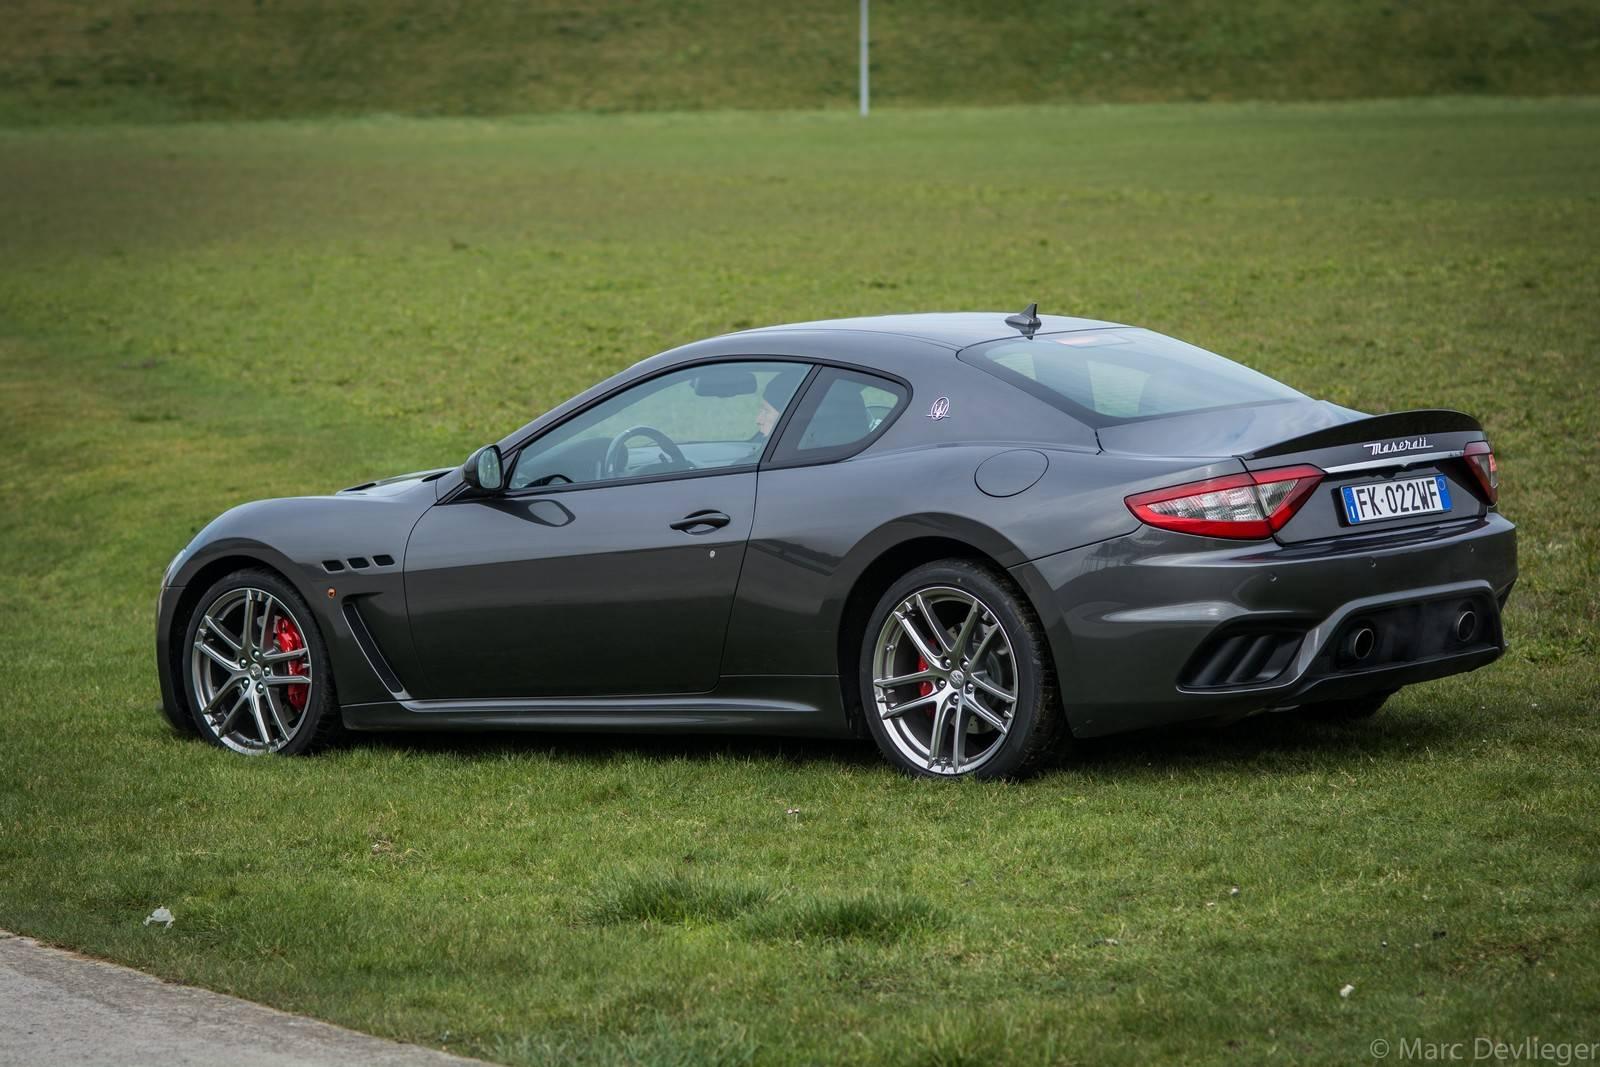 2018 Maserati GranTurismo MC Review - GTspirit